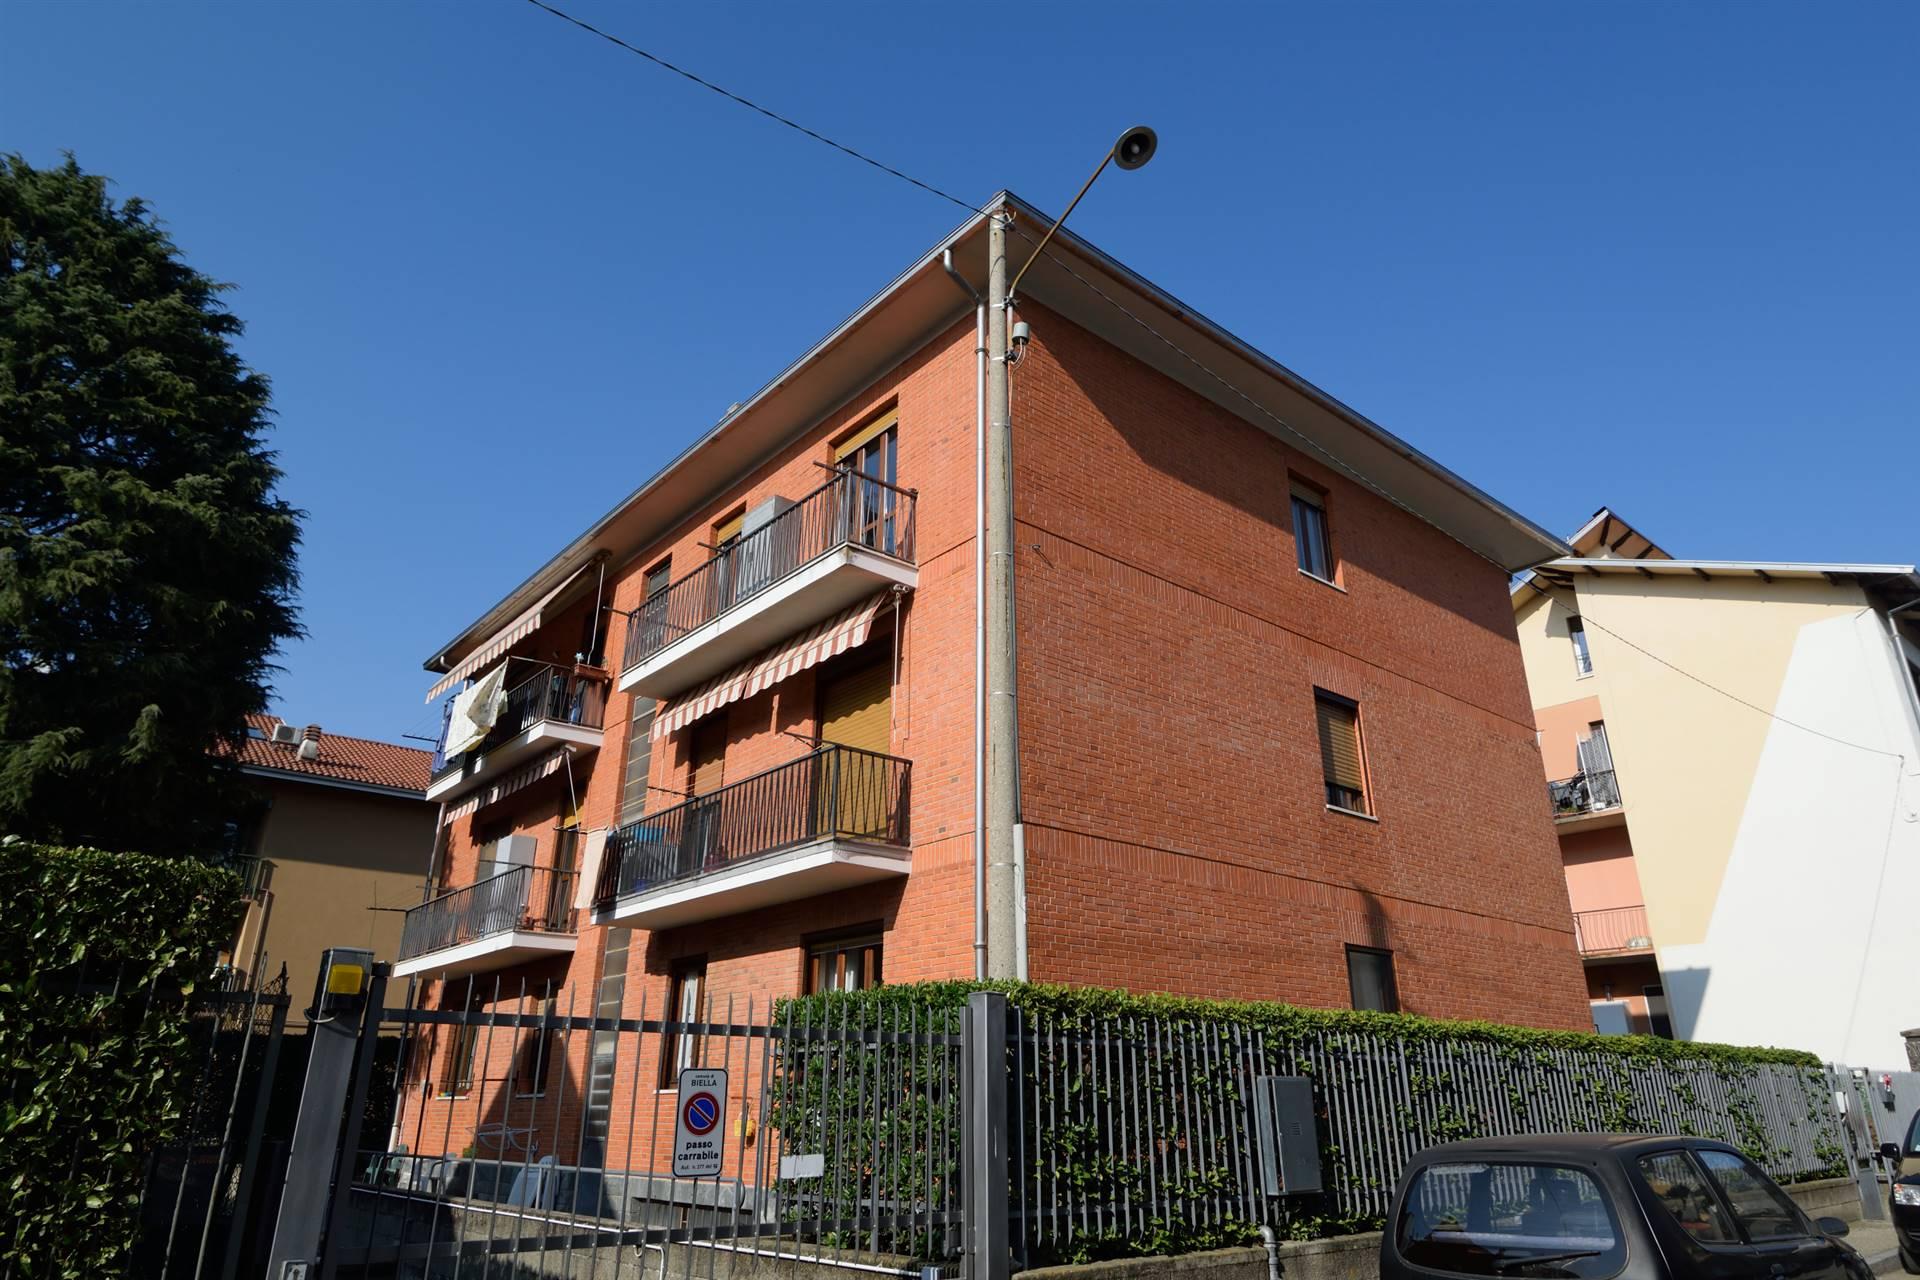 Appartamento in vendita a Biella, 4 locali, zona Località: MASARONE, prezzo € 68.000 | PortaleAgenzieImmobiliari.it